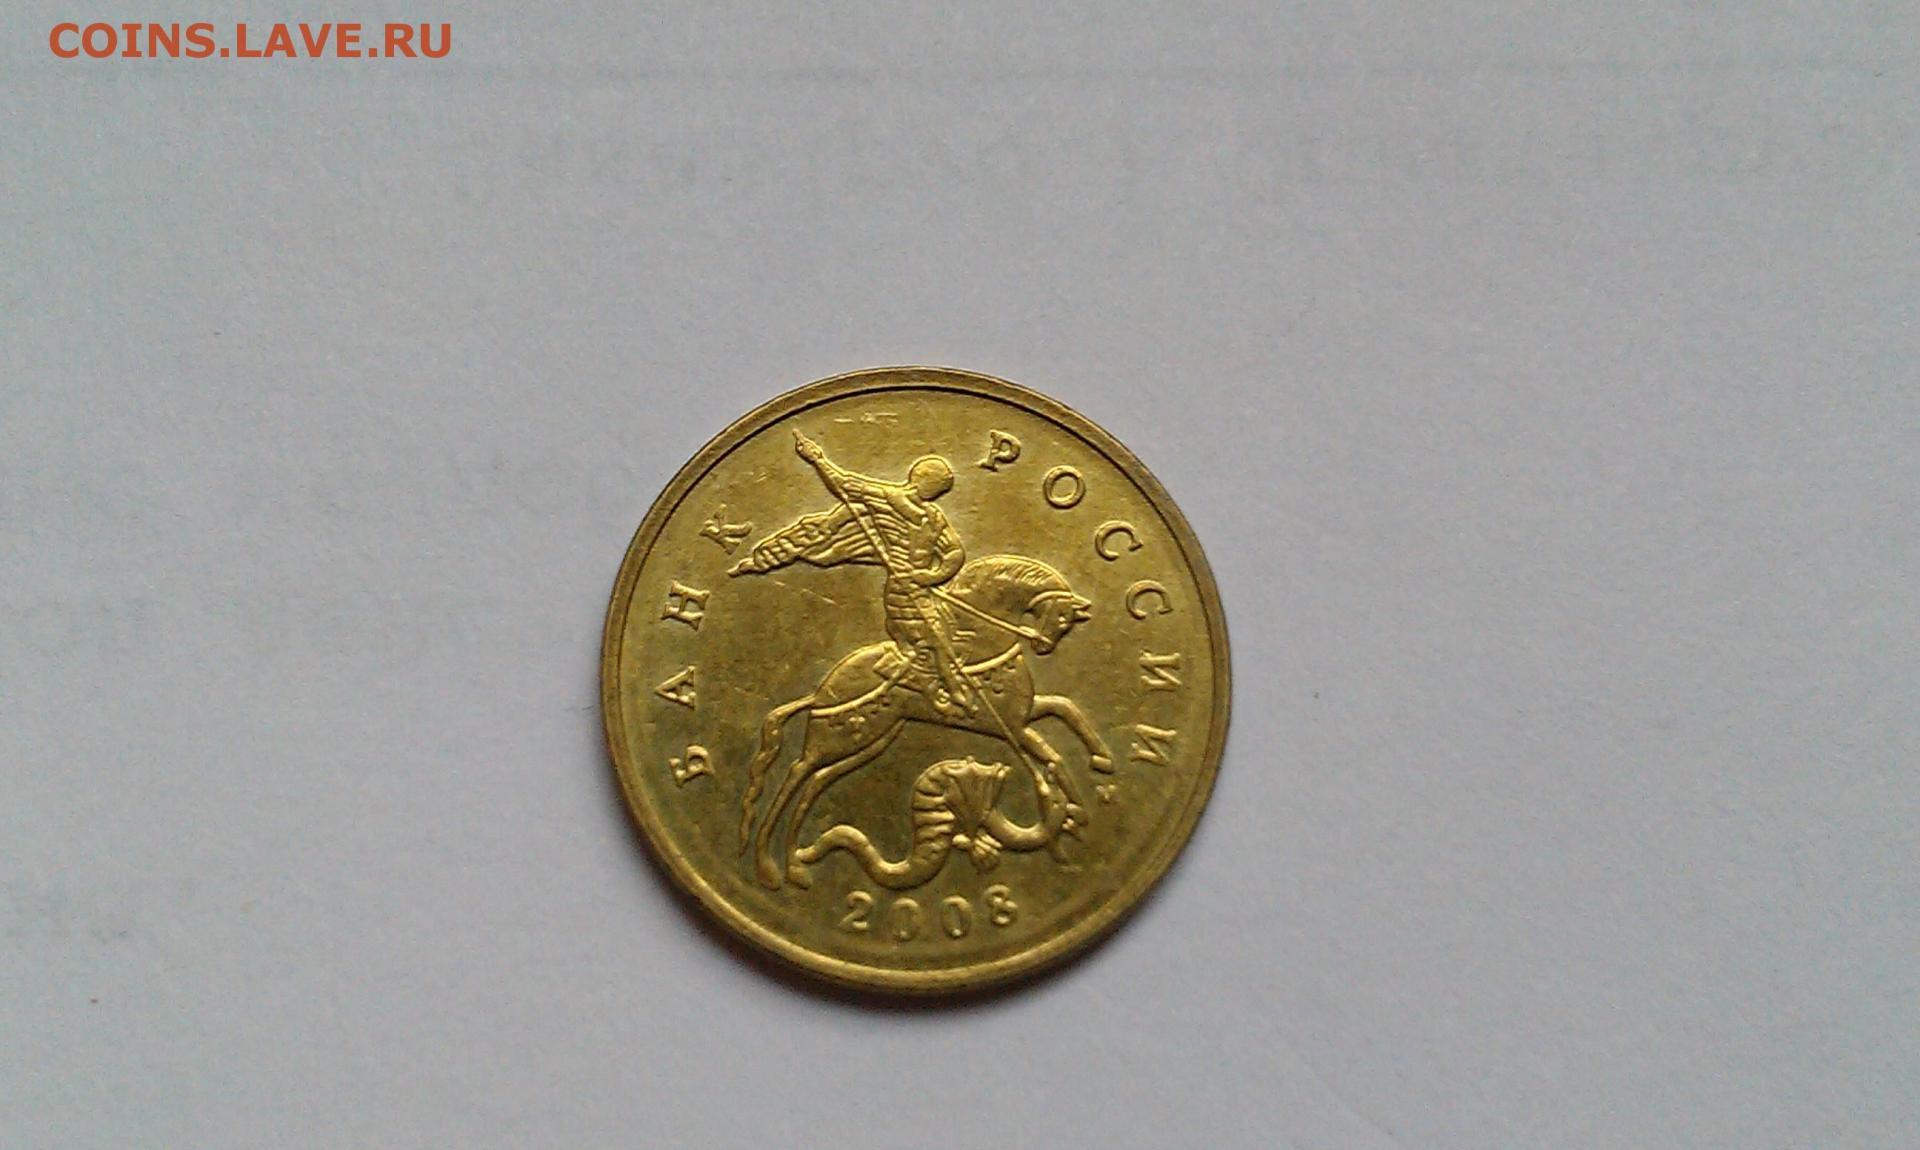 Монета 5 копеек 2 8 года цена сп м стоимость Я